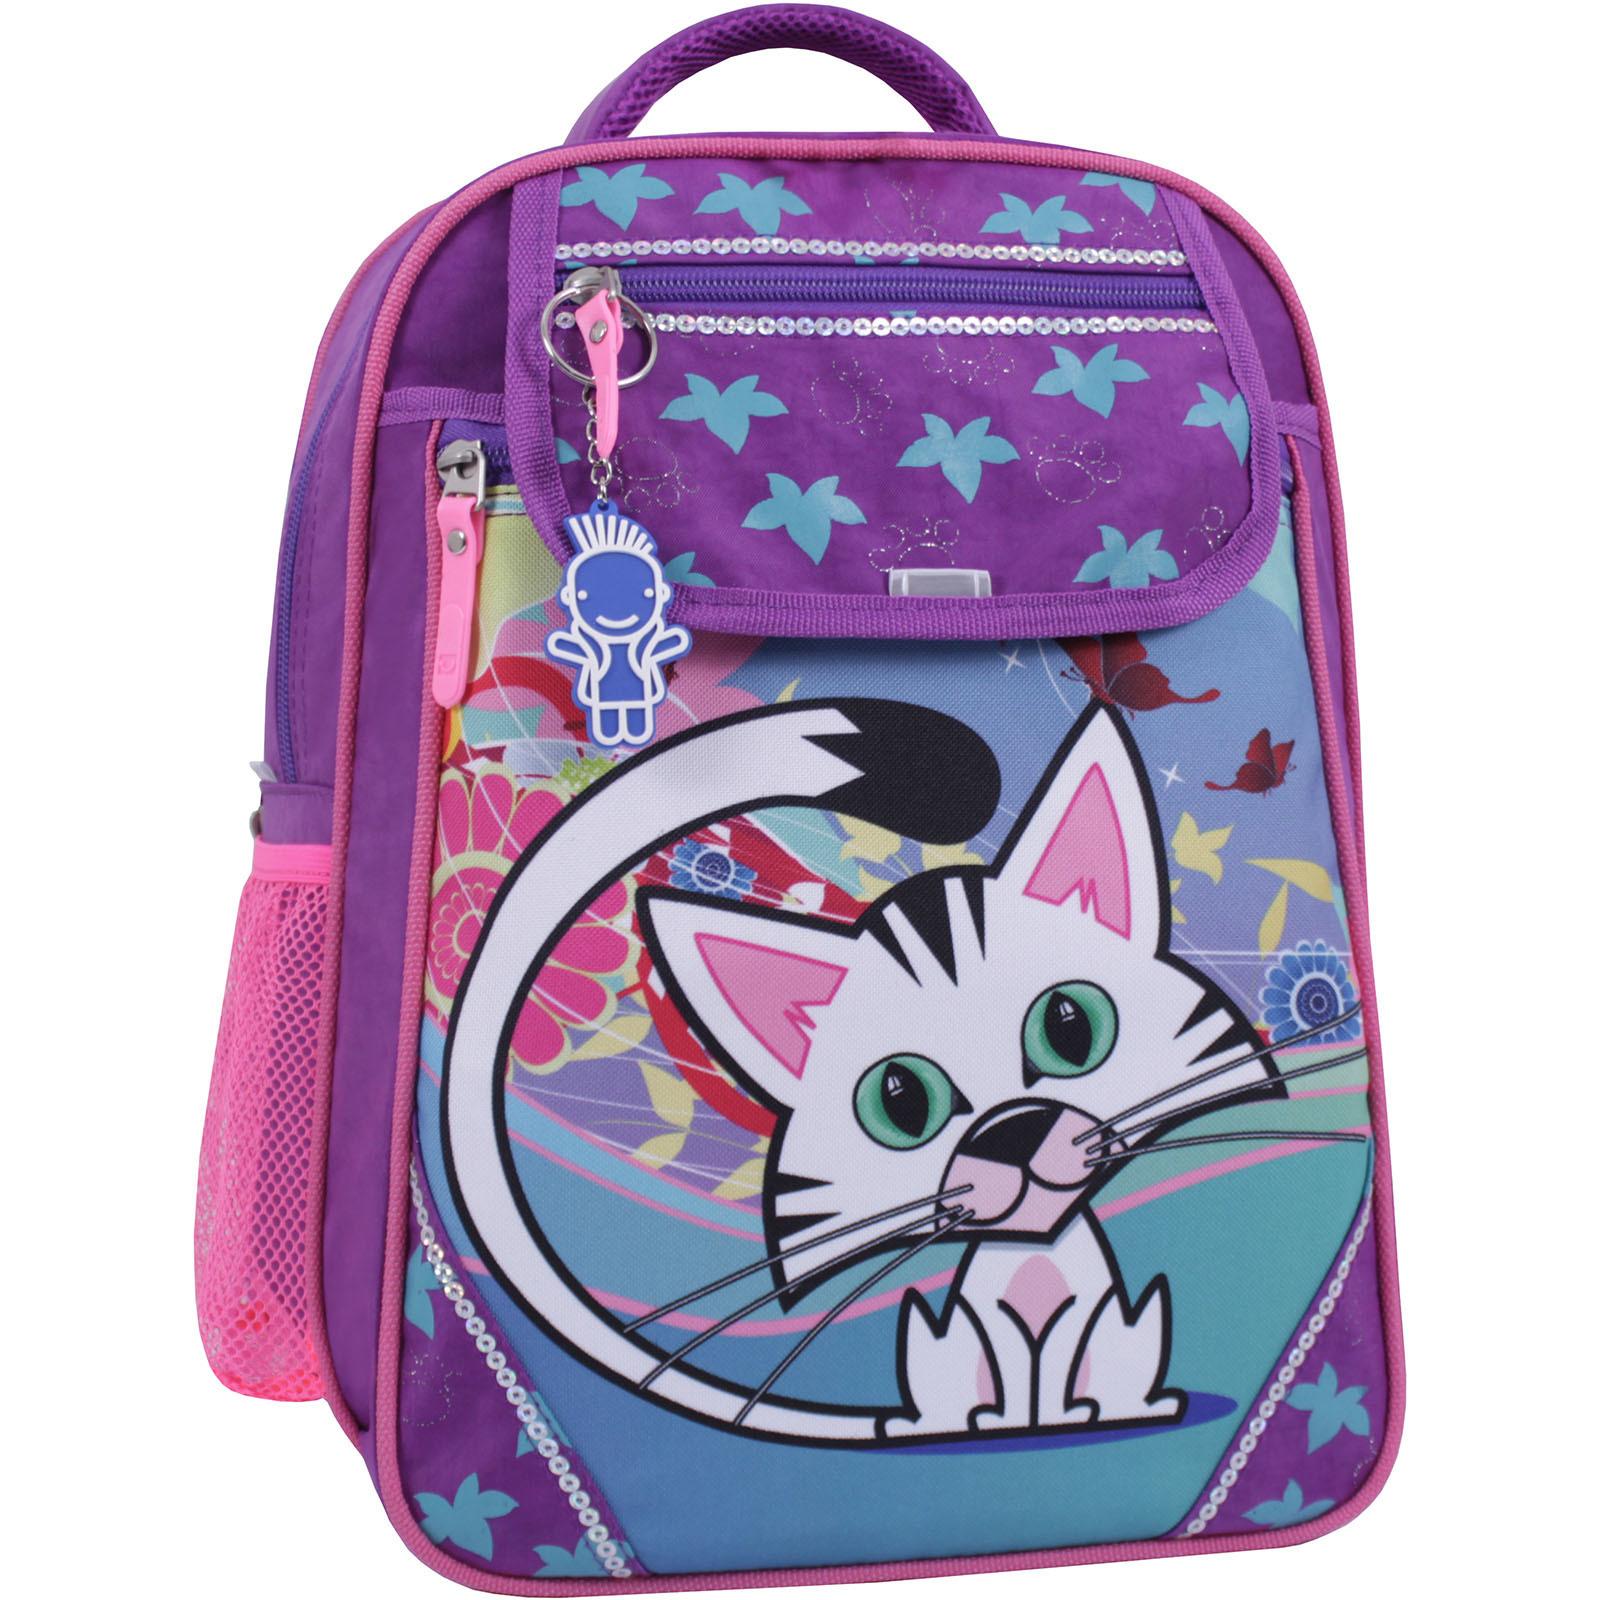 Детские рюкзаки Рюкзак школьный Bagland Отличник 20 л. 339 фиолетовый 502 (0058070) IMG_1119_суб.502_.JPG